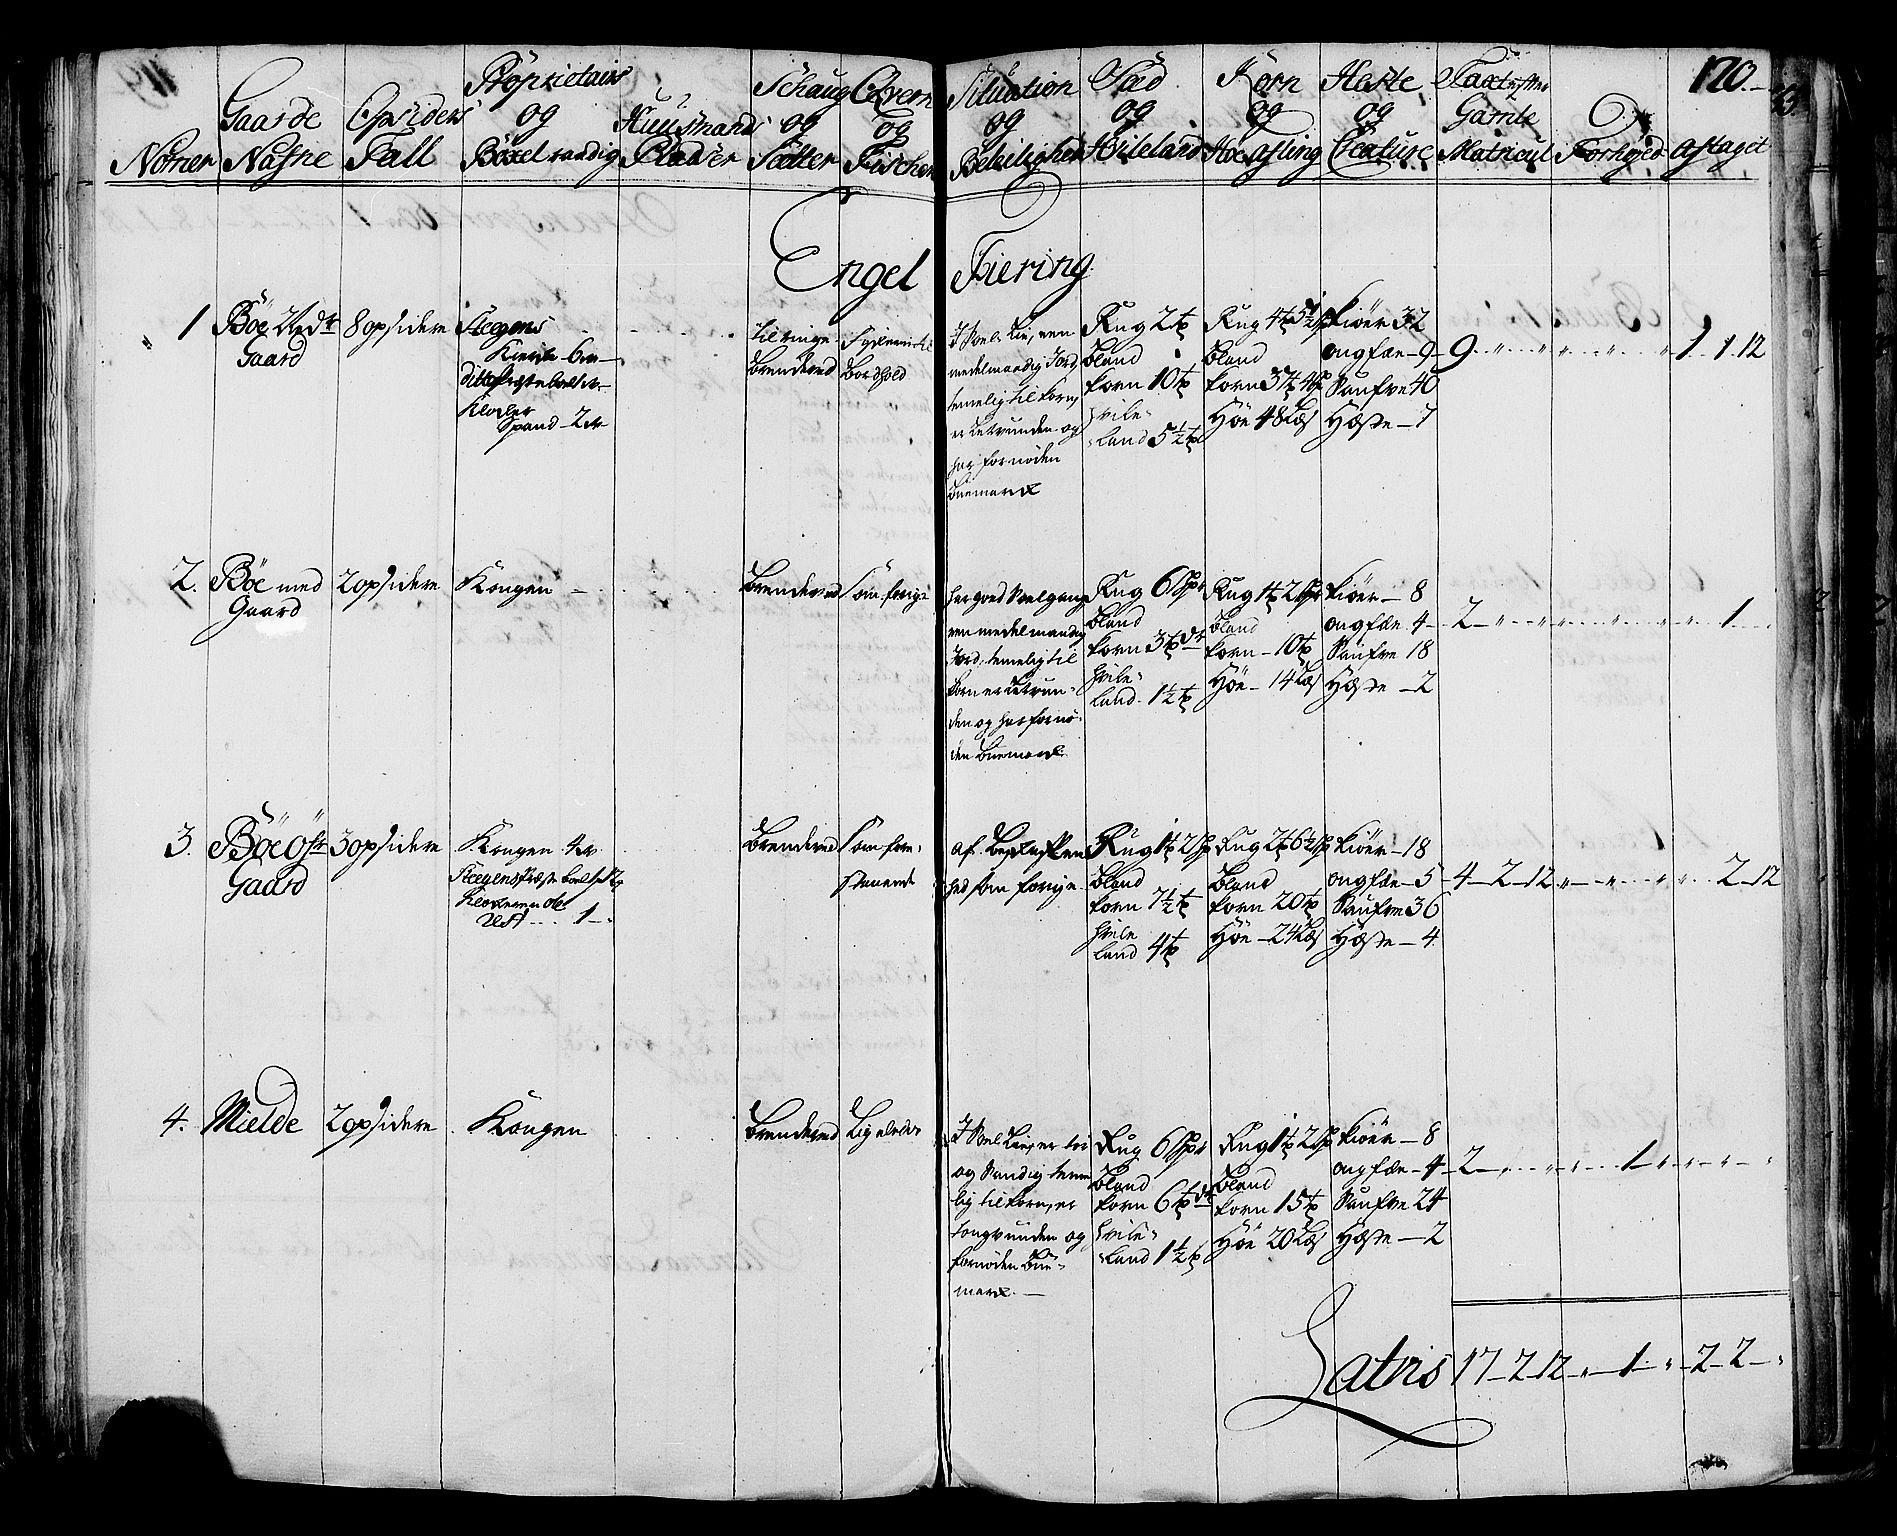 RA, Rentekammeret inntil 1814, Realistisk ordnet avdeling, N/Nb/Nbf/L0172: Salten eksaminasjonsprotokoll, 1723, s. 119b-120a